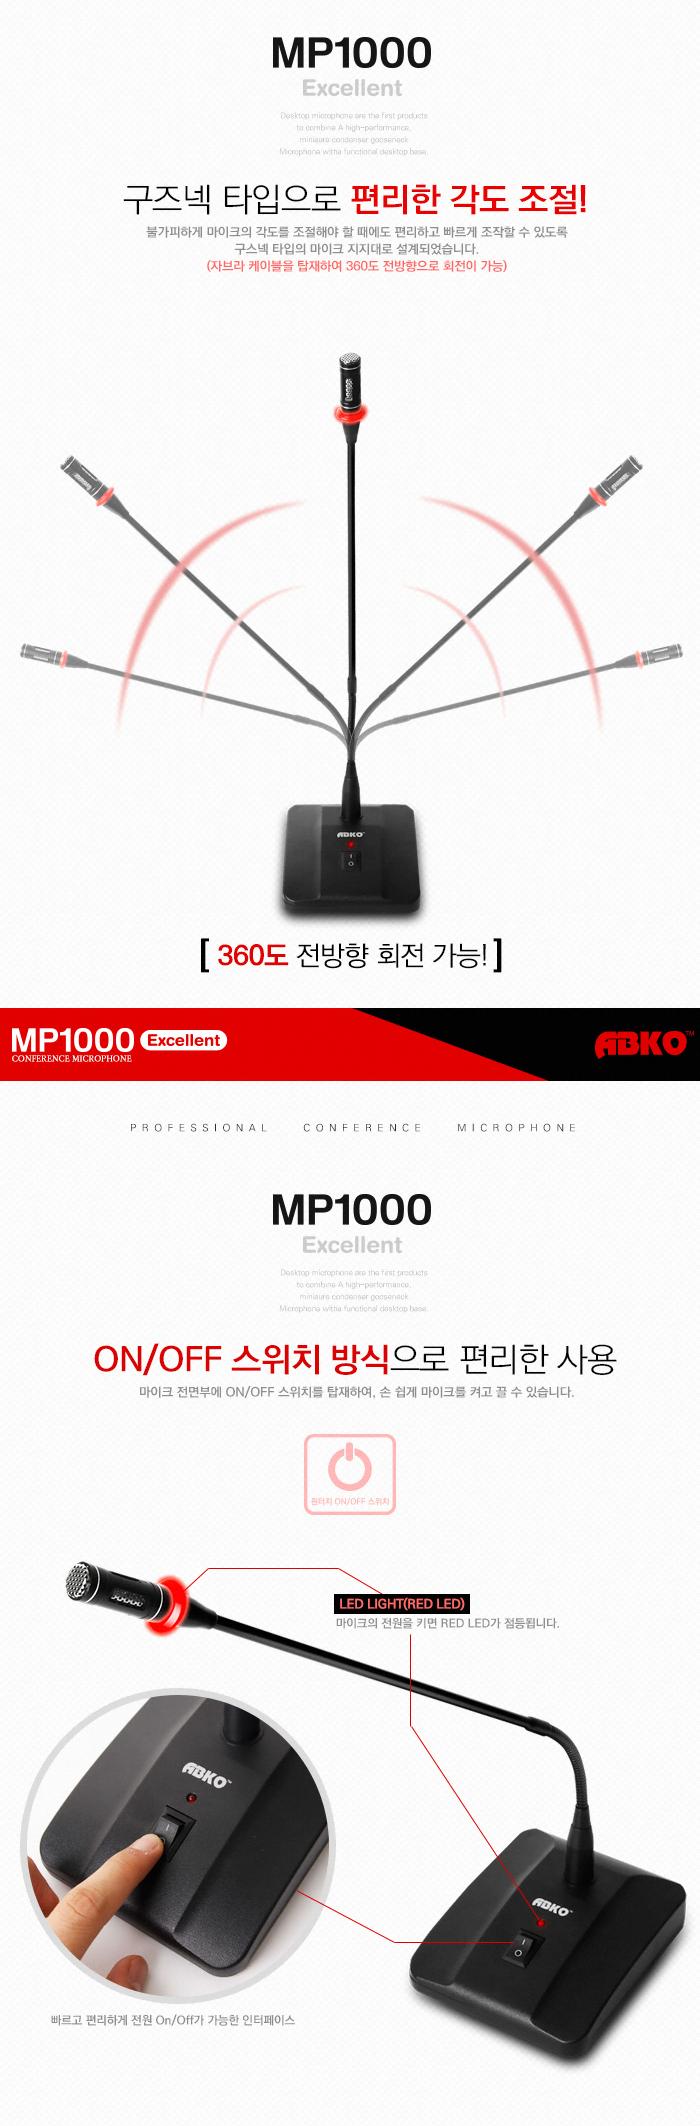 MP1000_DB_05.jpg